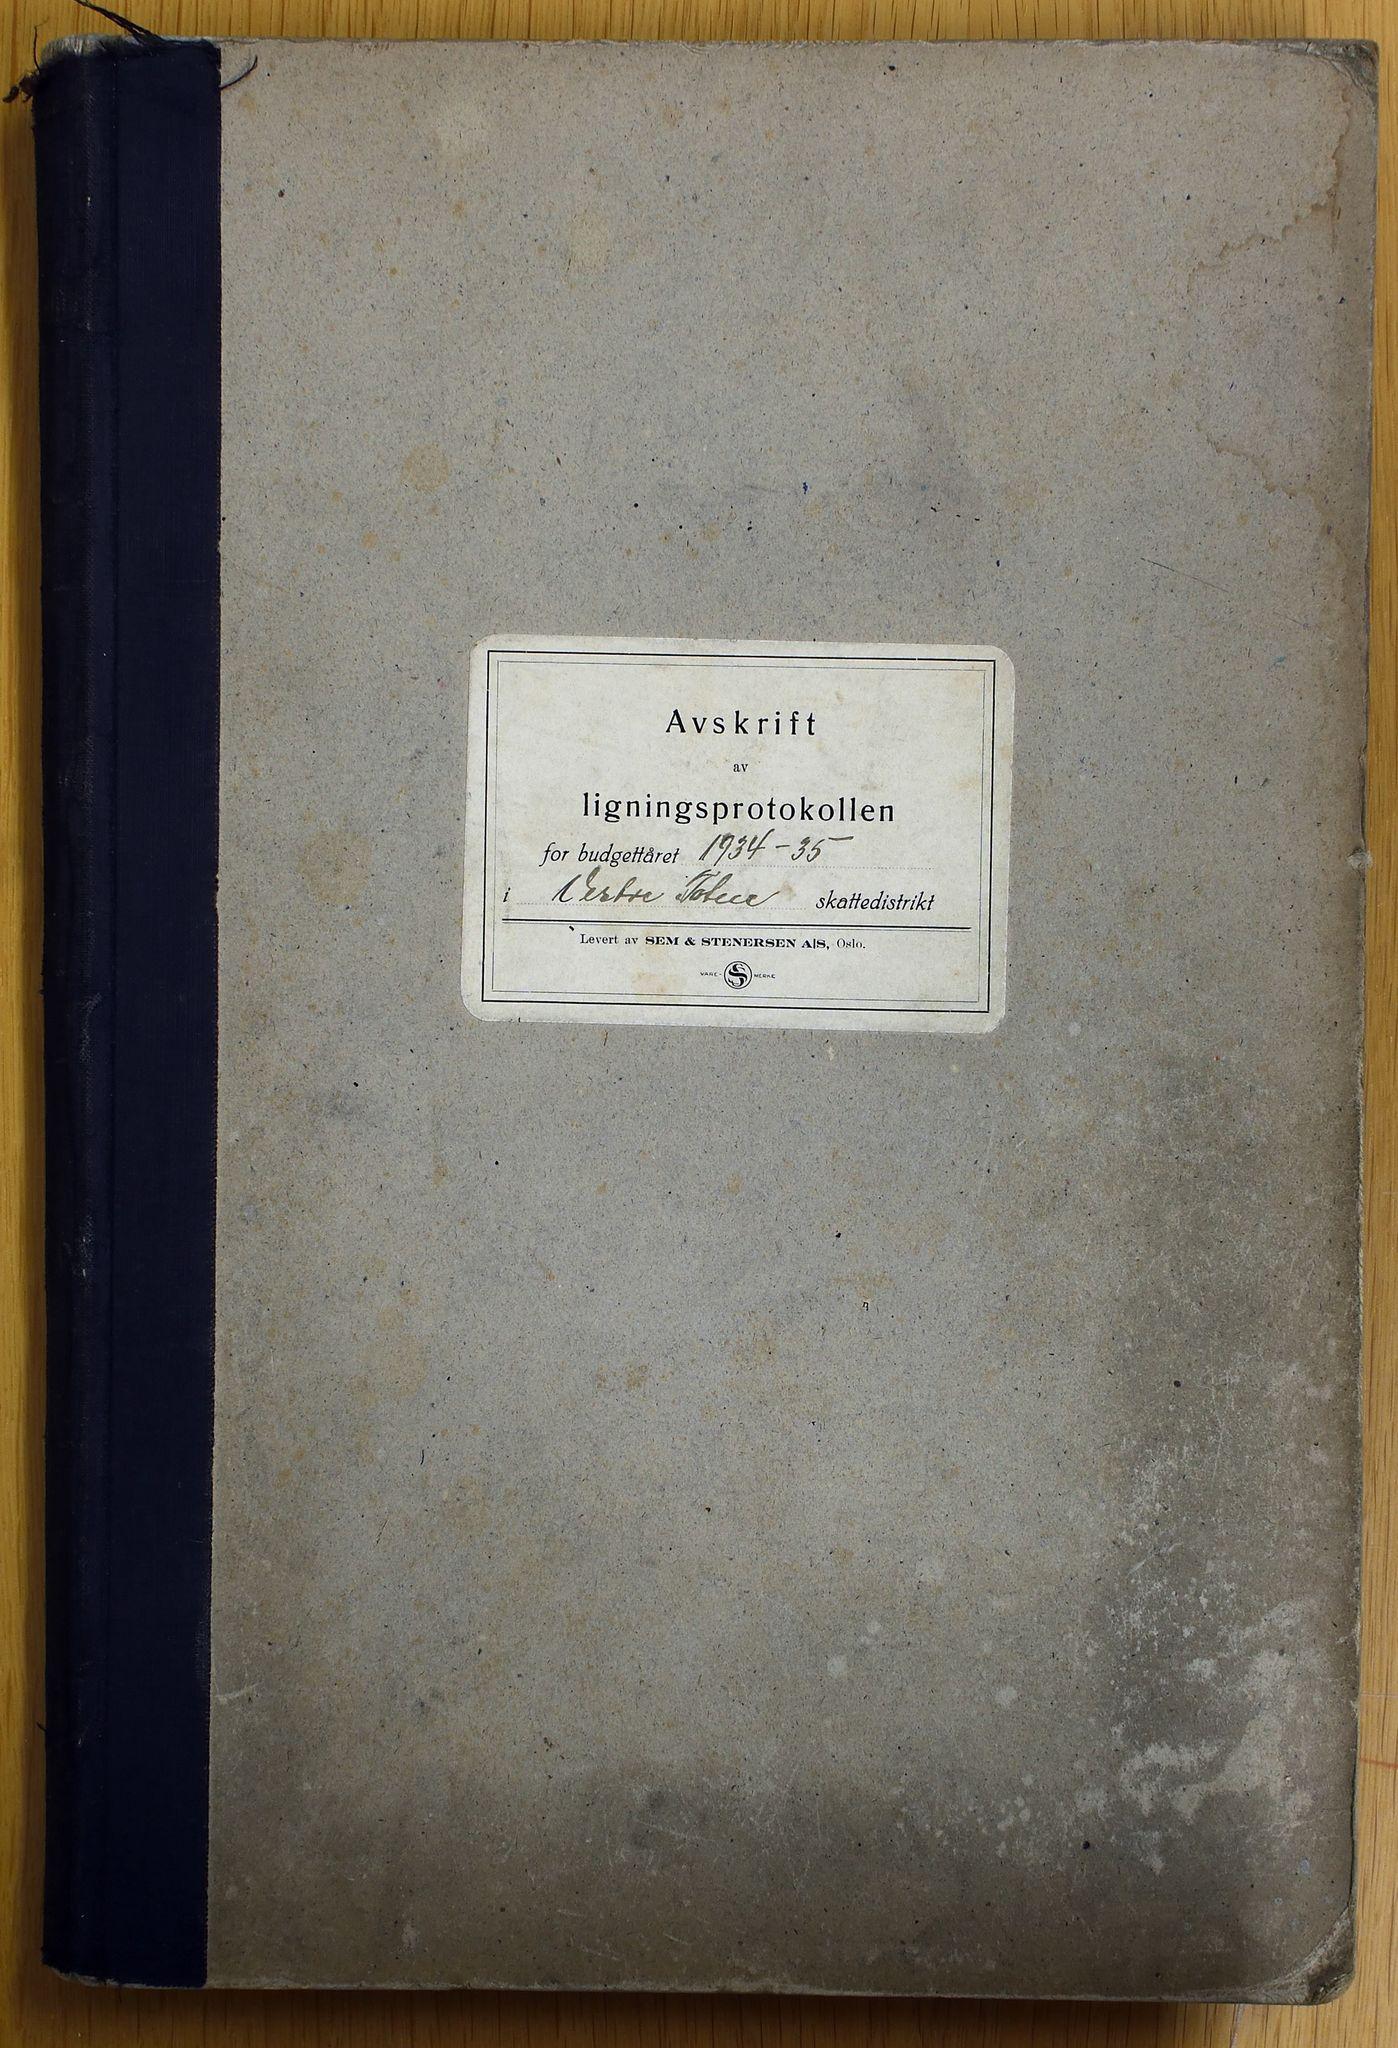 KVT, Vestre Toten municipality archive - Tax assessment protocol 1934-1935, 1934-1935